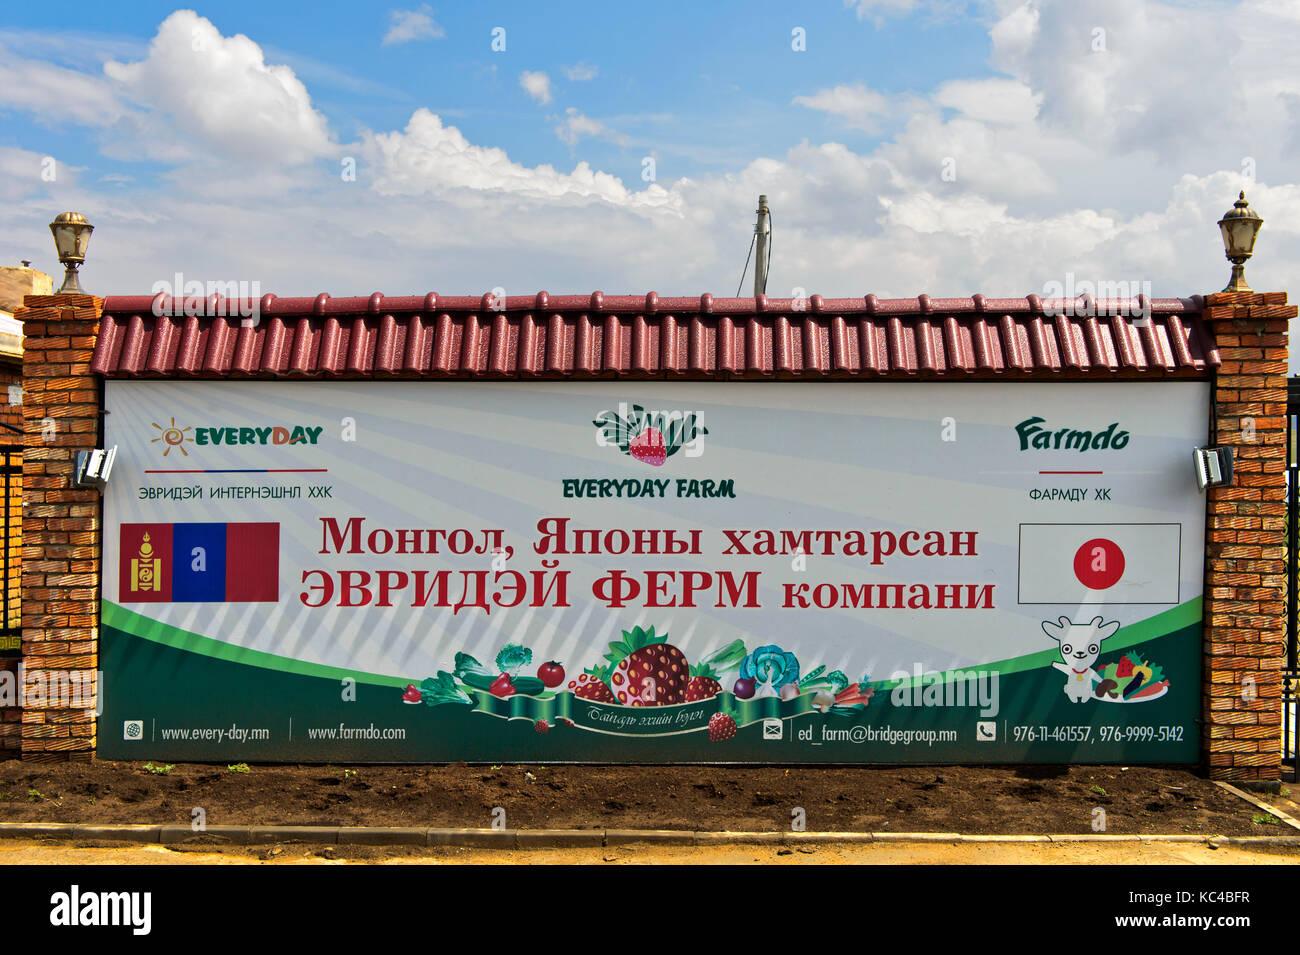 Bannière de la ferme tous les jours LLC, une coentreprise entre la Société des ponts de Mongolie Photo Stock